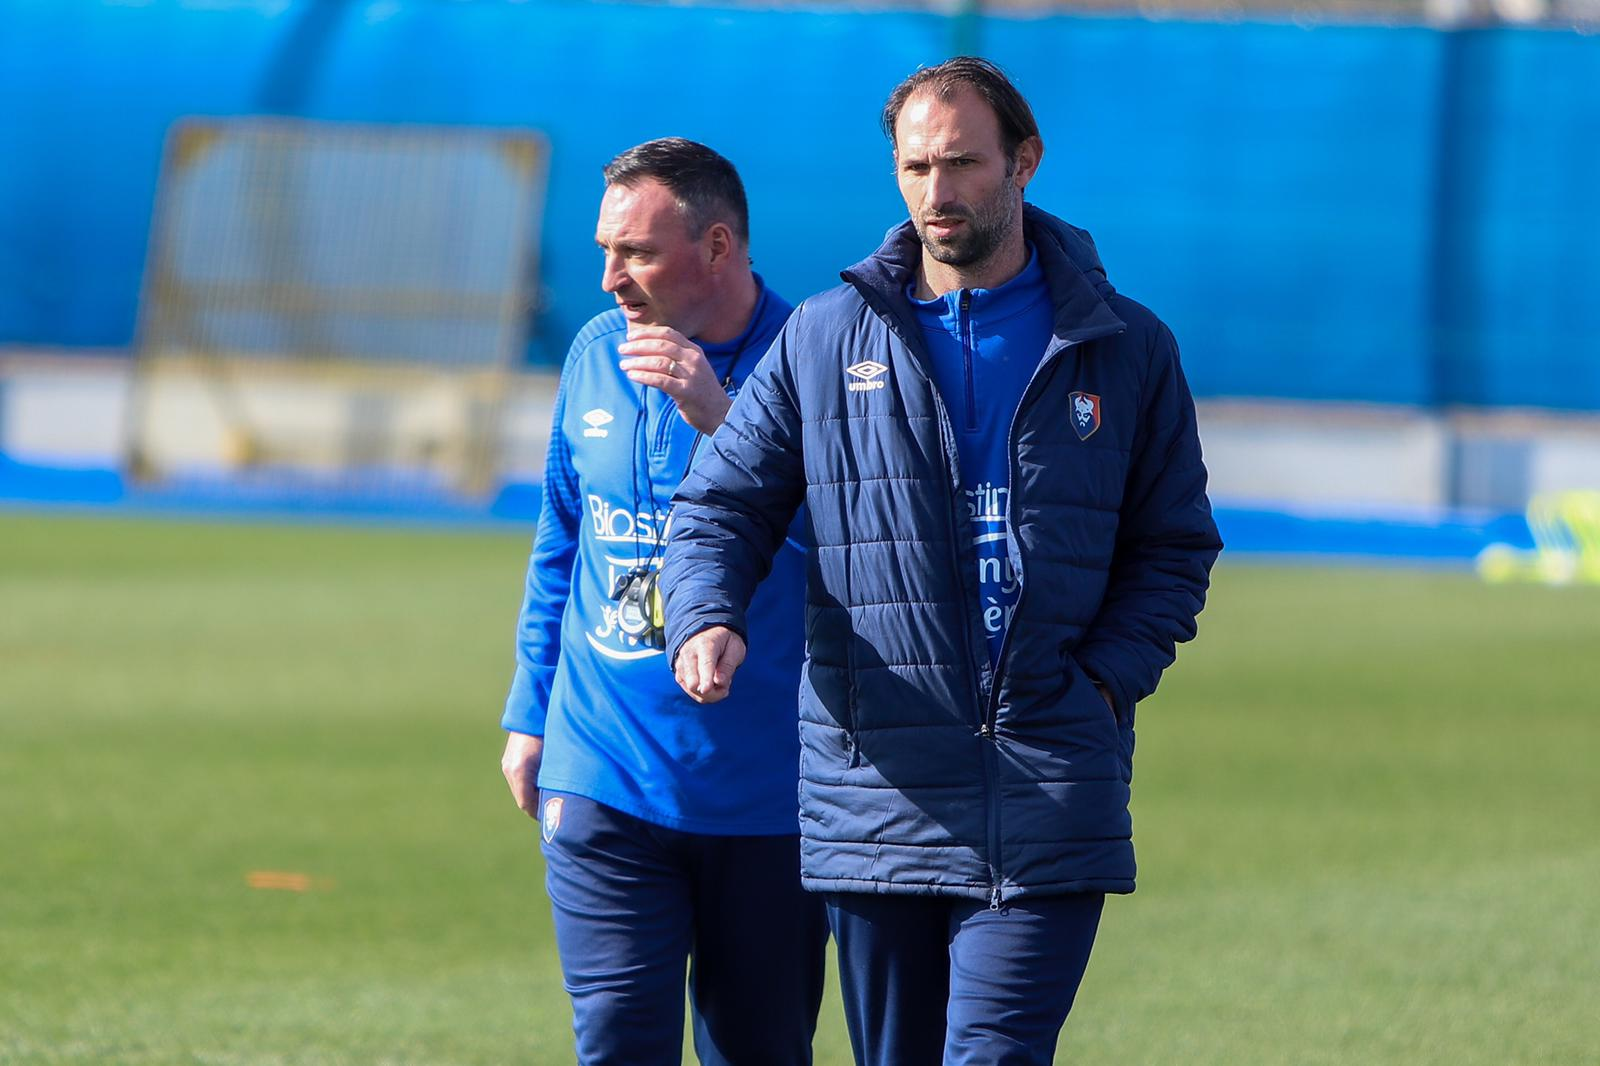 Cédric Hengbart : « J'essaye d'apporter toute mon expérience aux joueurs » (France Bleu)